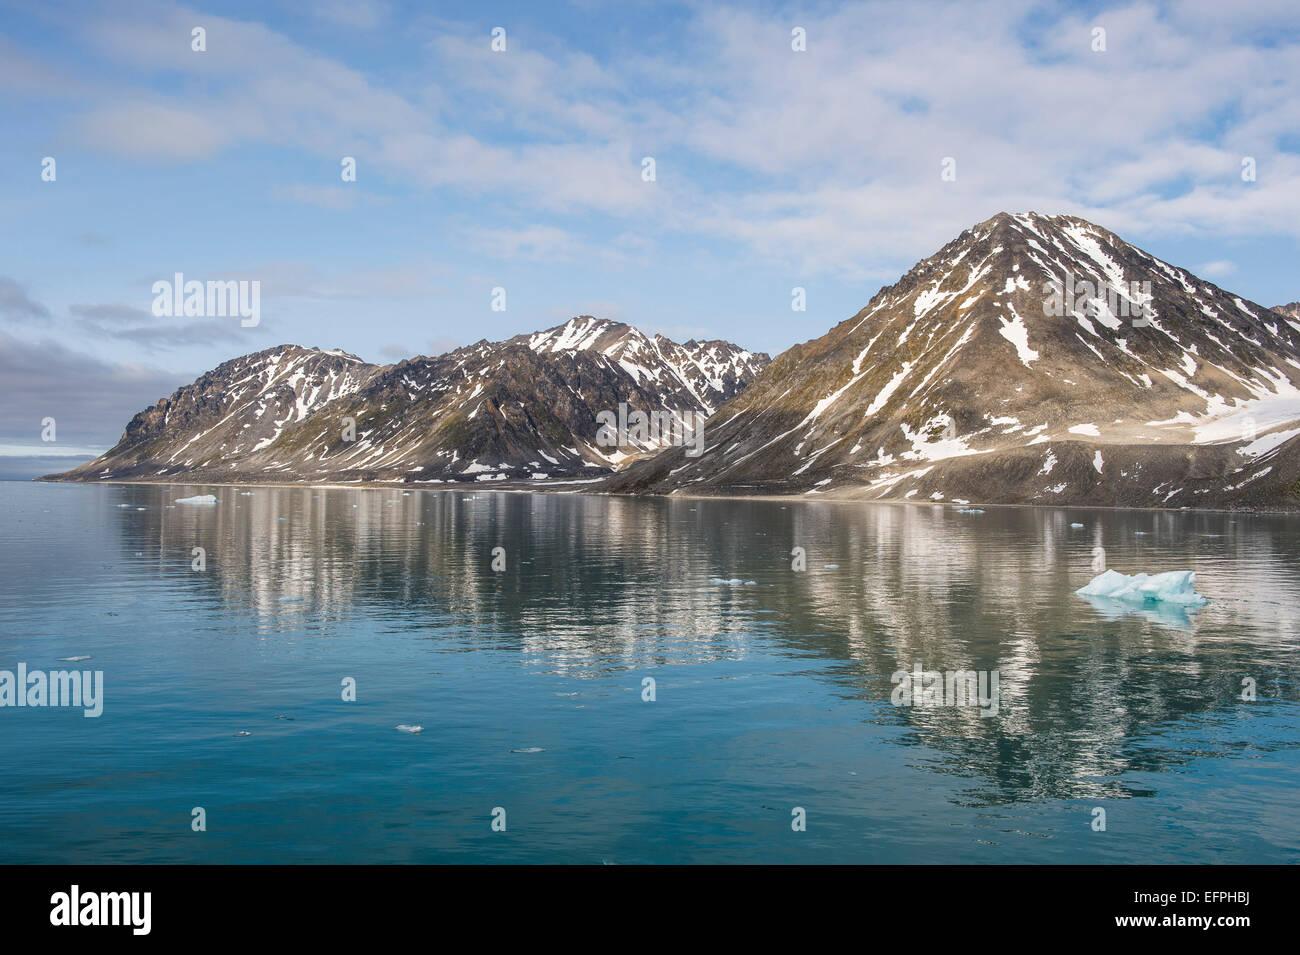 Las montañas reflejando en el agua en el Fiordo Magdalenen, Svalbard, ártico, Noruega, Escandinavia, Europa Imagen De Stock